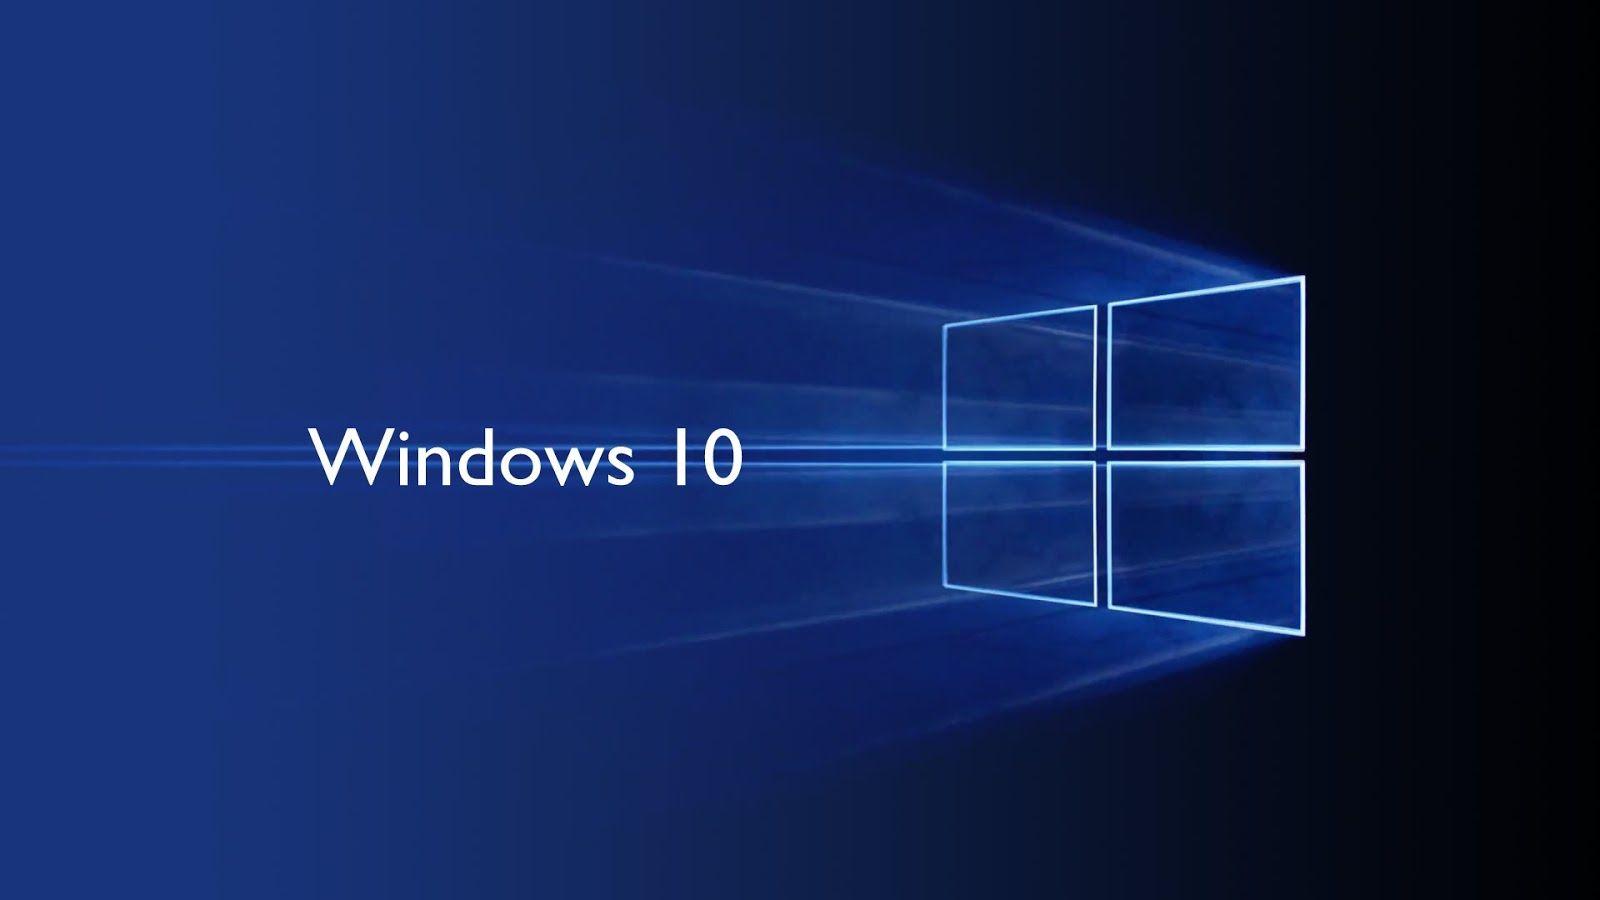 مايكروسوفت تحمي مستخدمي ويندوز 10 من القرصنة Windows 10 Wallpaper Windows 10 Windows